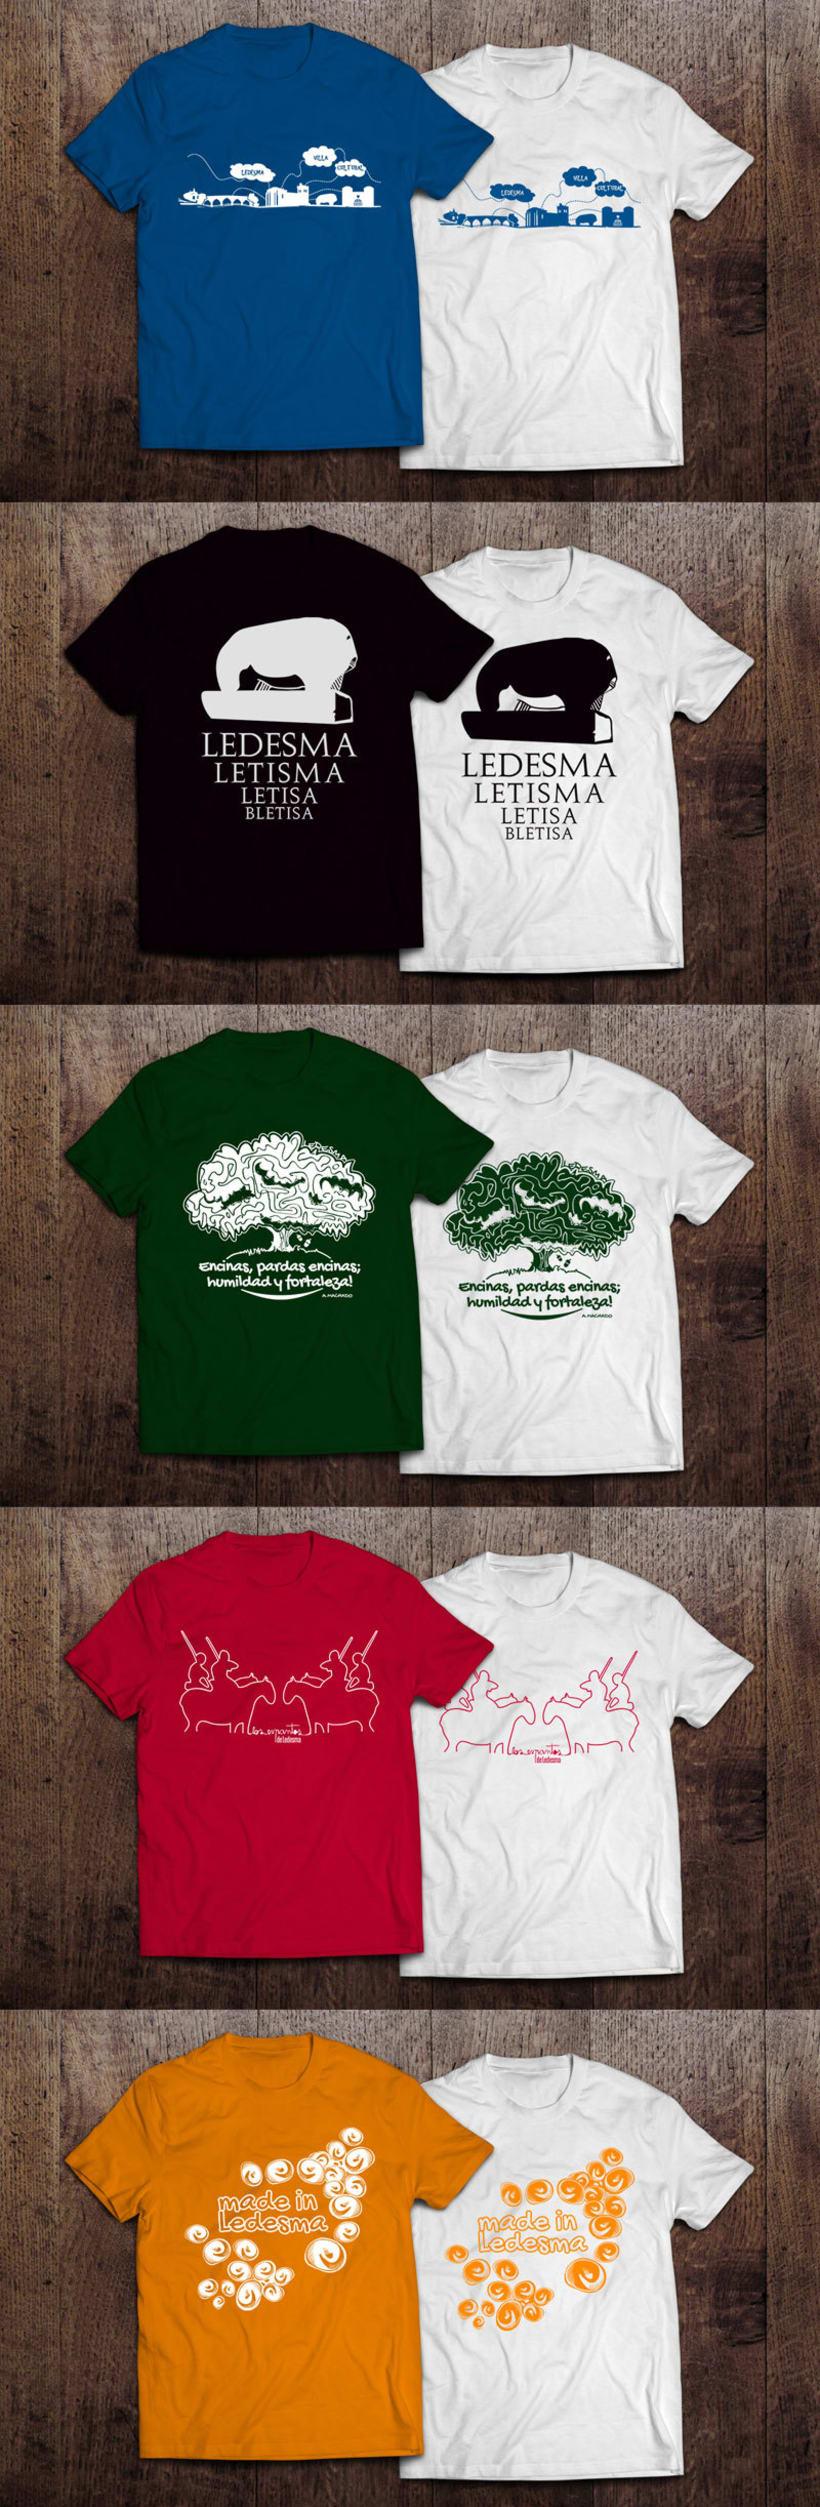 Camisetas Ledesma -1